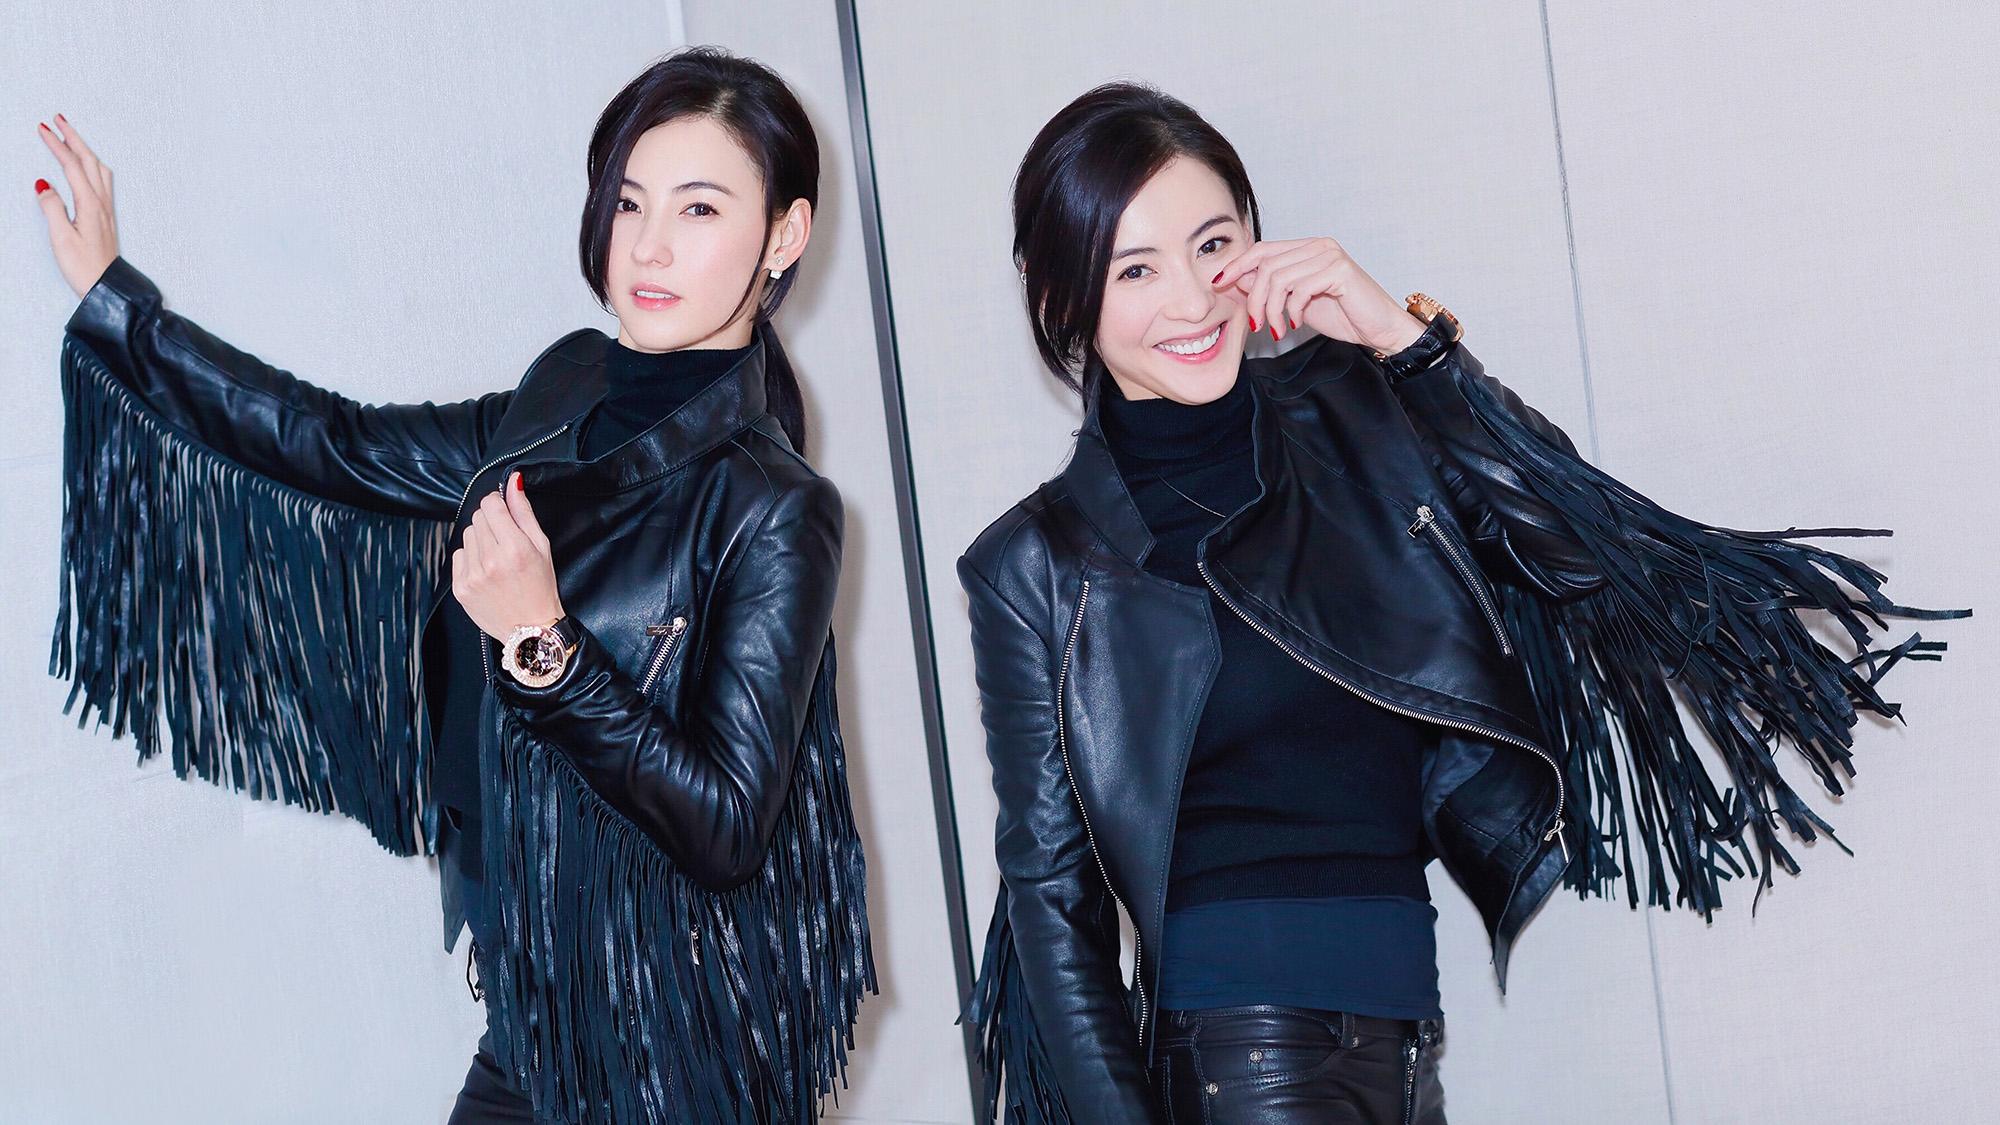 张柏芝诠释双面魅力 皮衣帅气纱裙妩媚